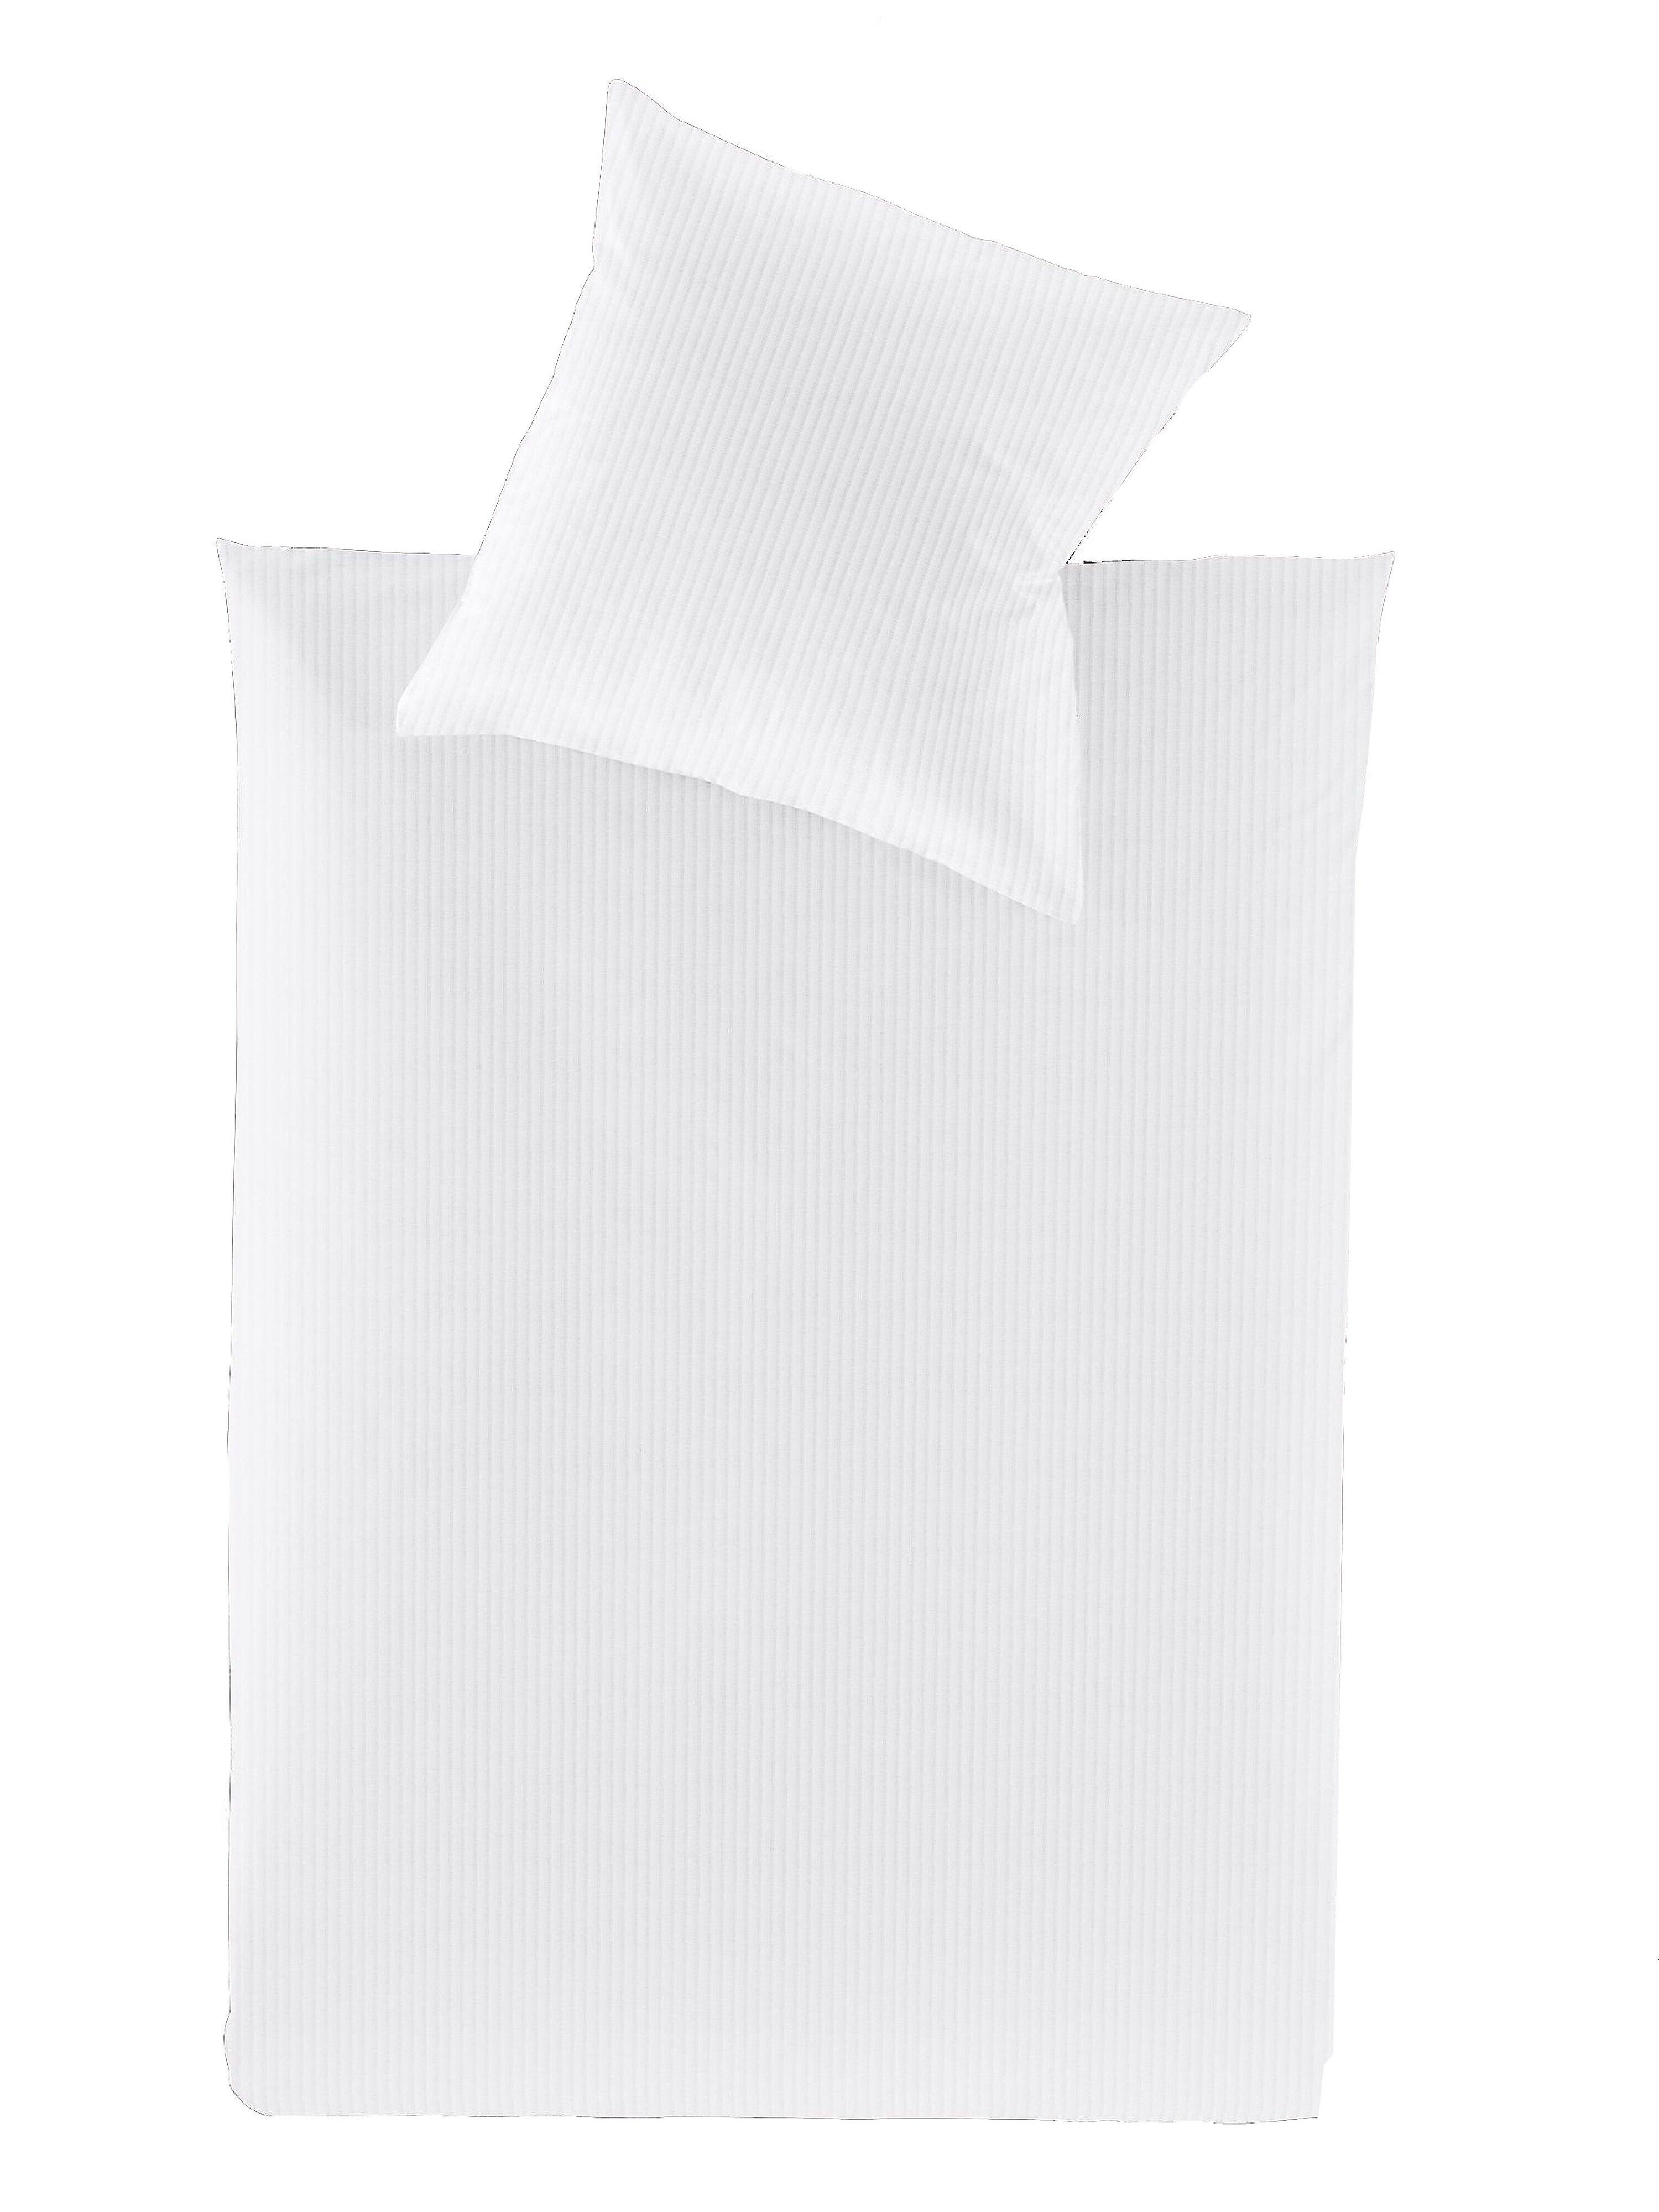 Dekbedovertrek ca. 155x200 cm / sloop ca. 80x80 cm Van Irisette wit